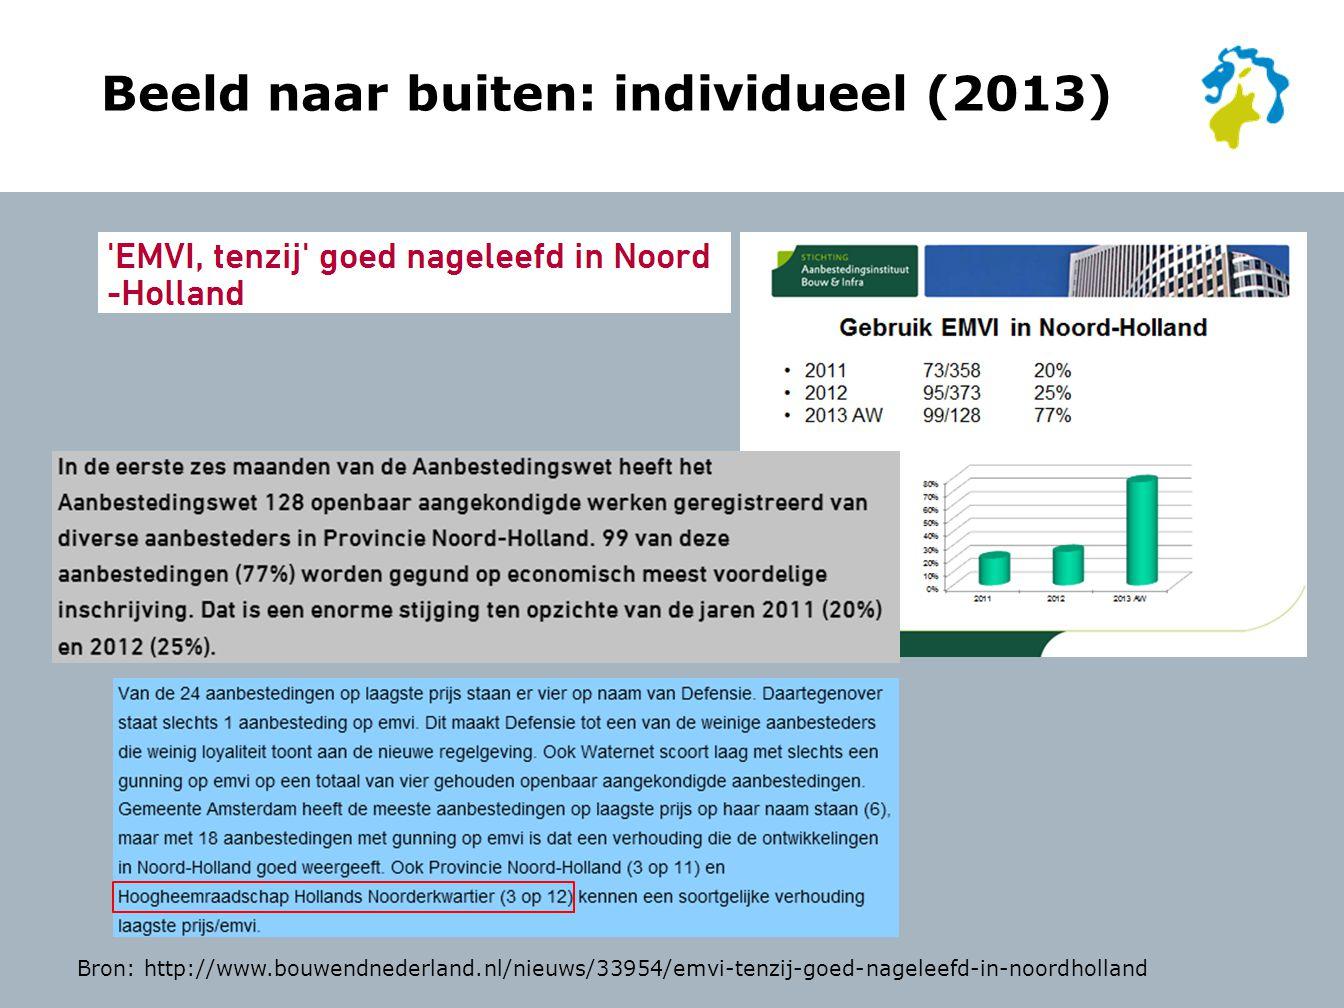 Beeld naar buiten: individueel (2013) Bron: http://www.bouwendnederland.nl/nieuws/33954/emvi-tenzij-goed-nageleefd-in-noordholland